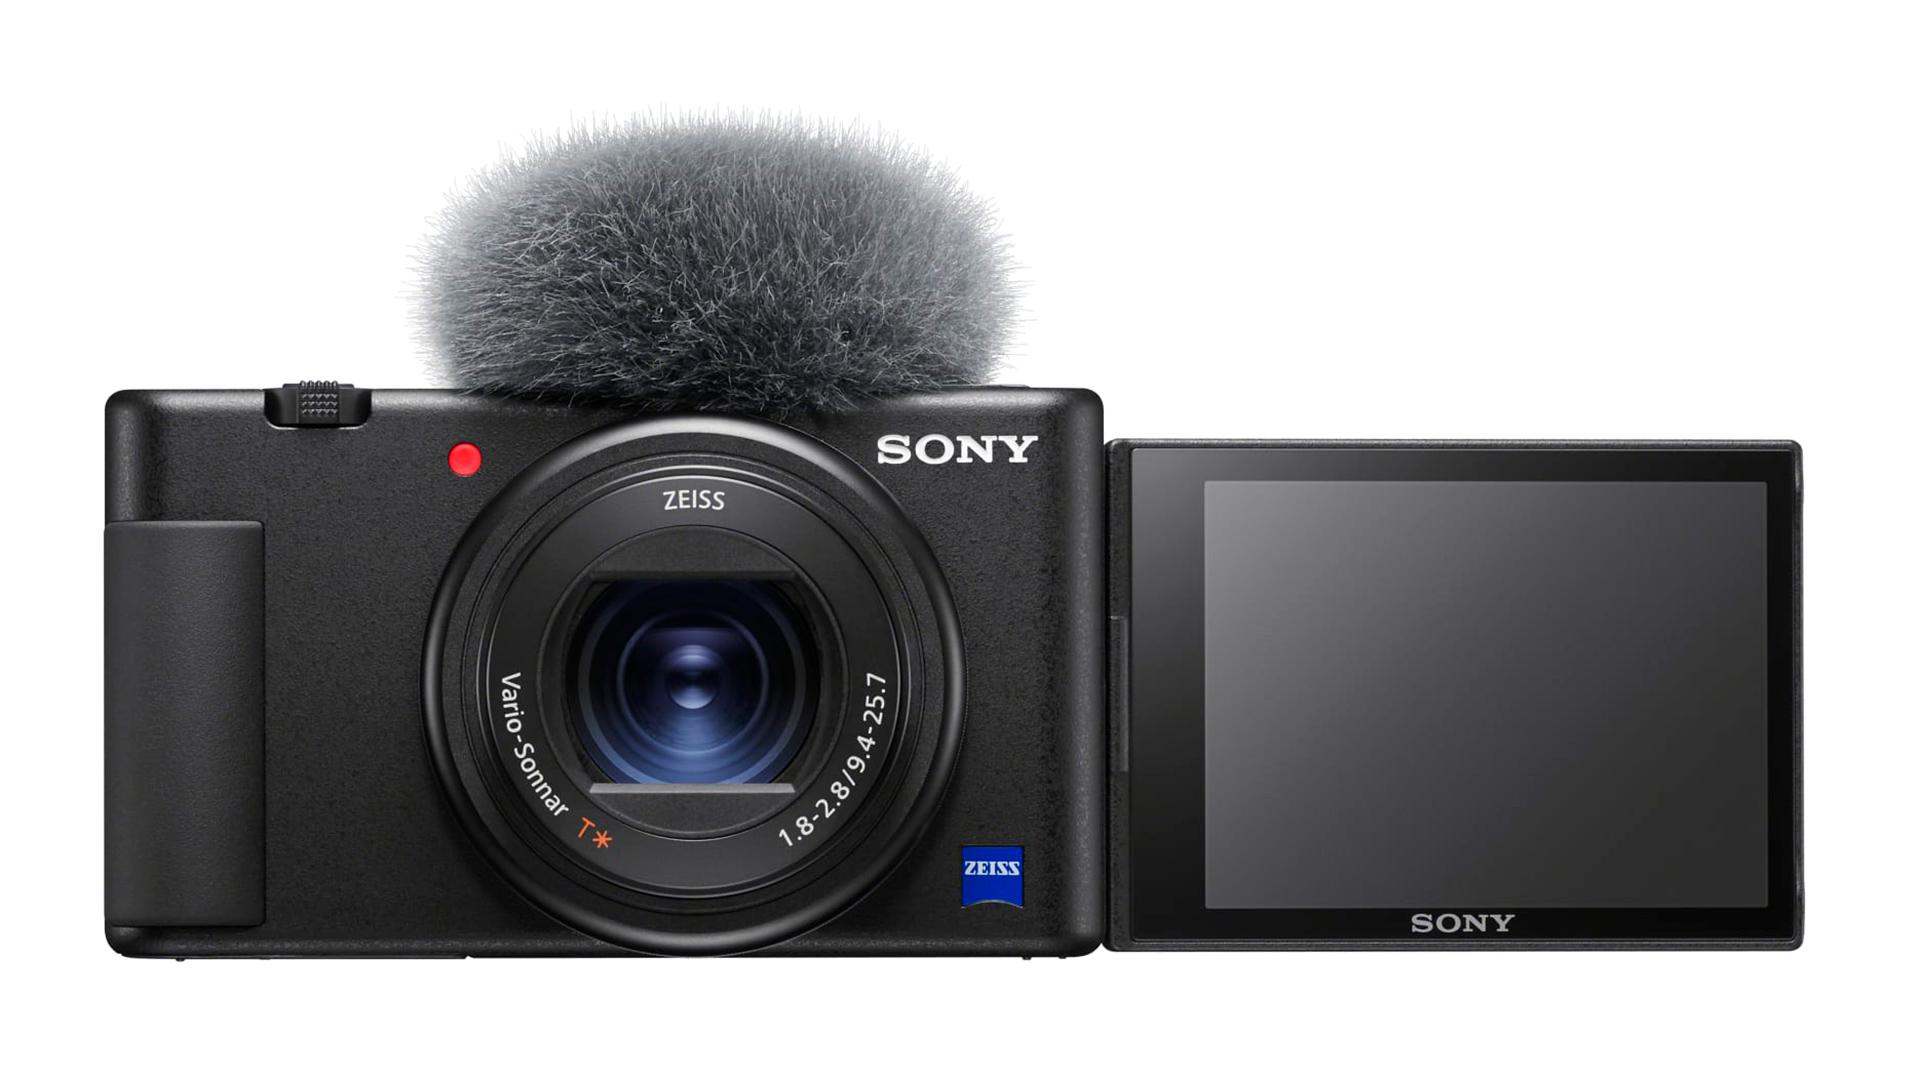 The Sony ZV-1 Vlog camera